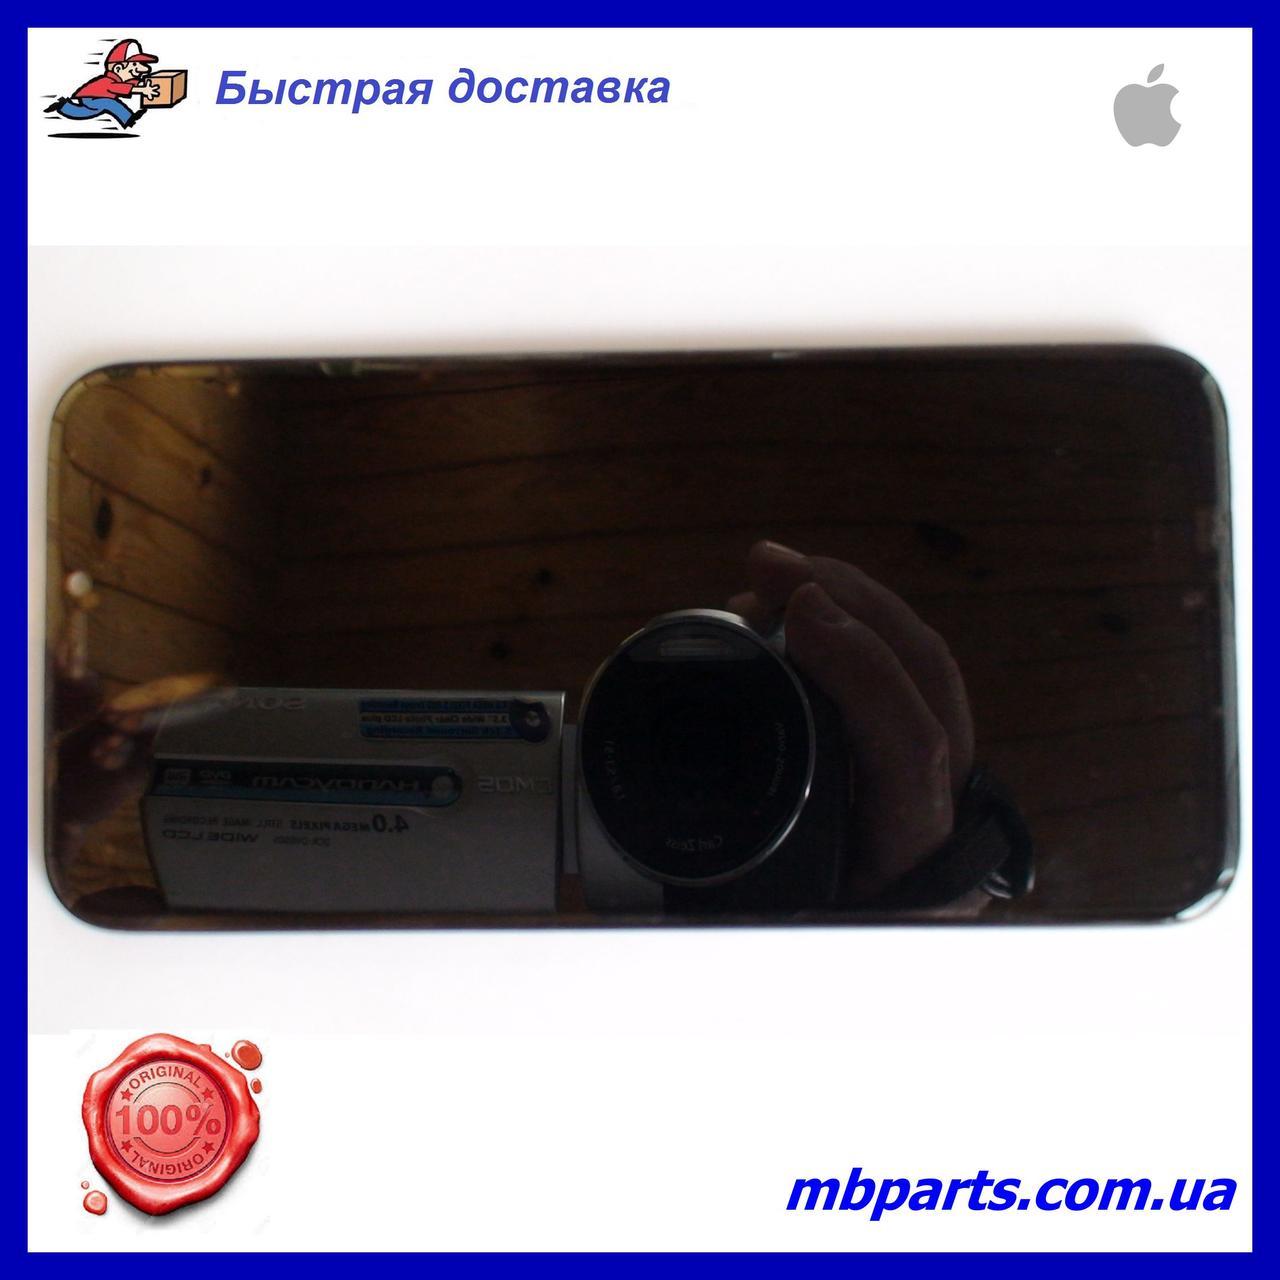 """Дисплей iPhone 11 Pro (5.8"""") Black, оригинал с рамкой (снятый с телефона)"""